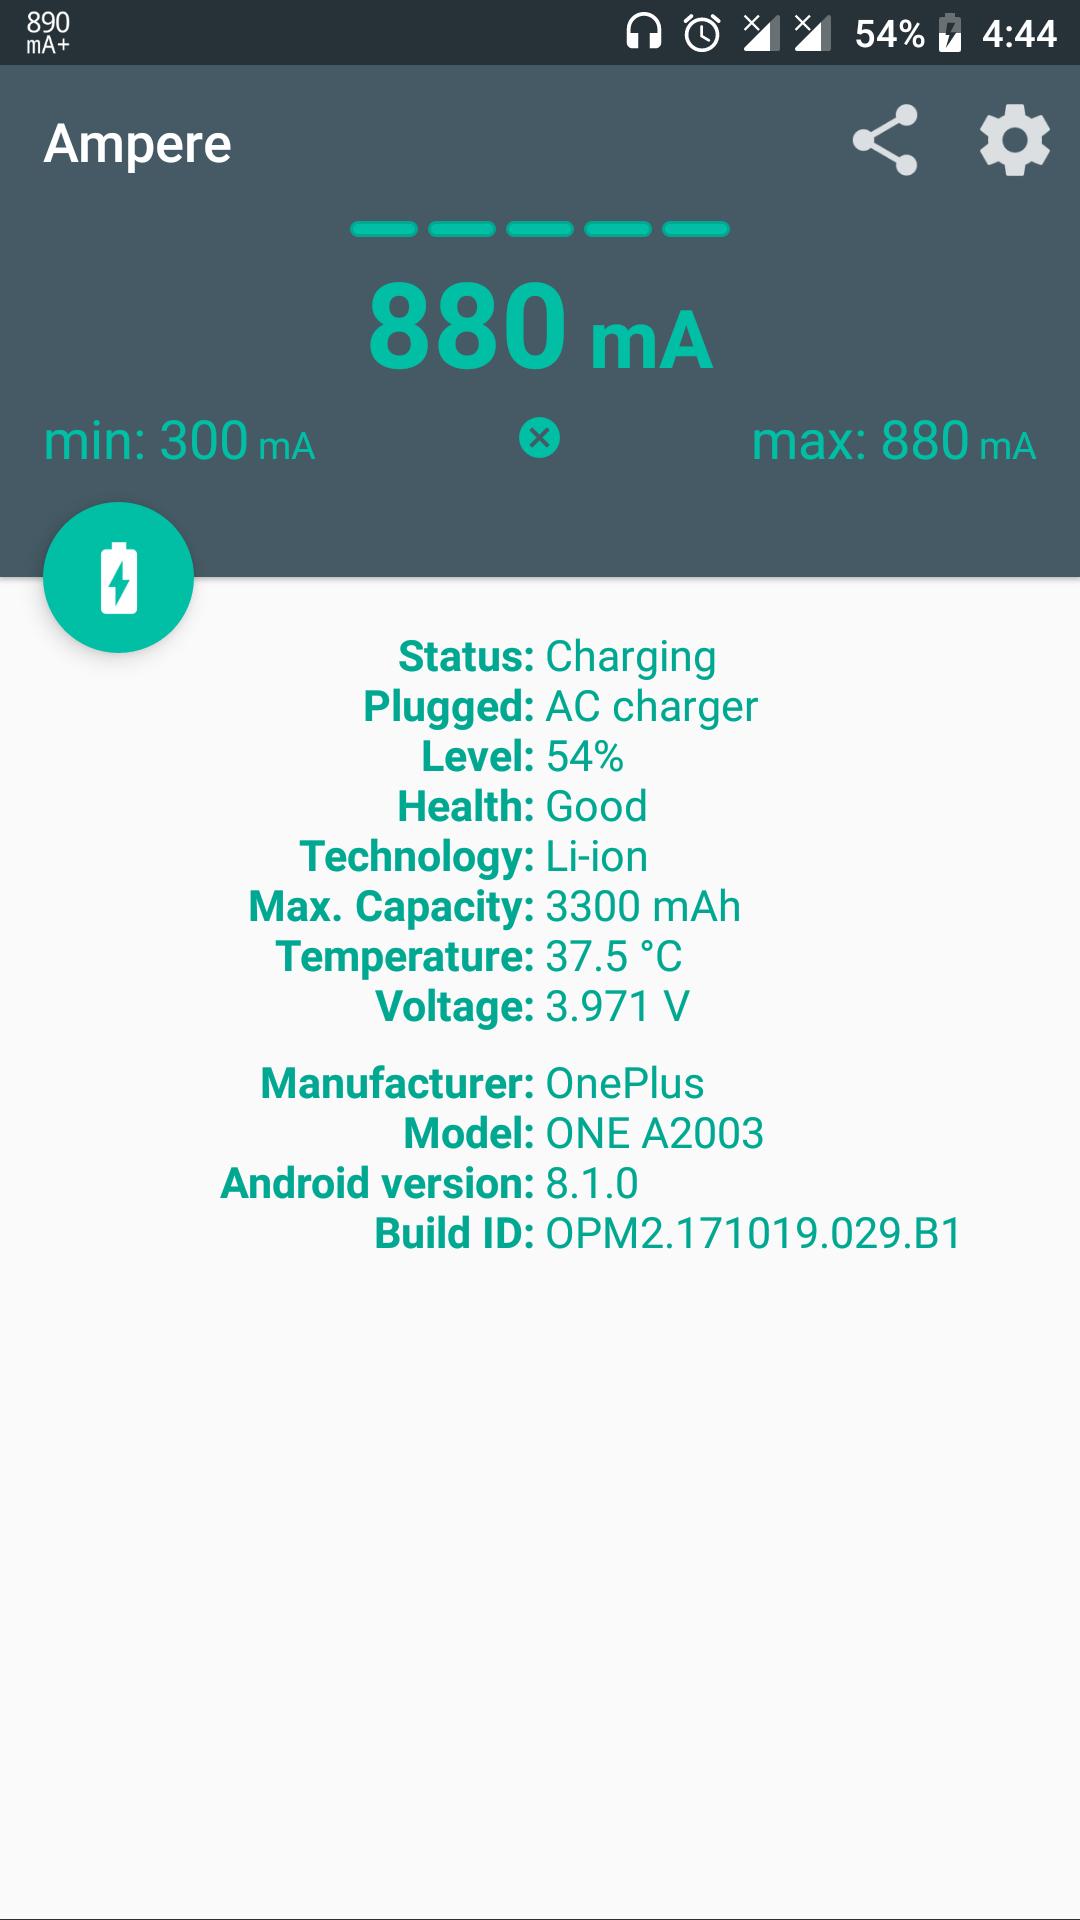 PRO BAIXAR AQWACKER 1.5